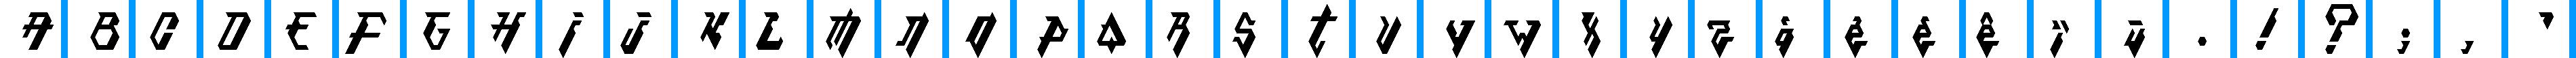 Particip-a-type v.32